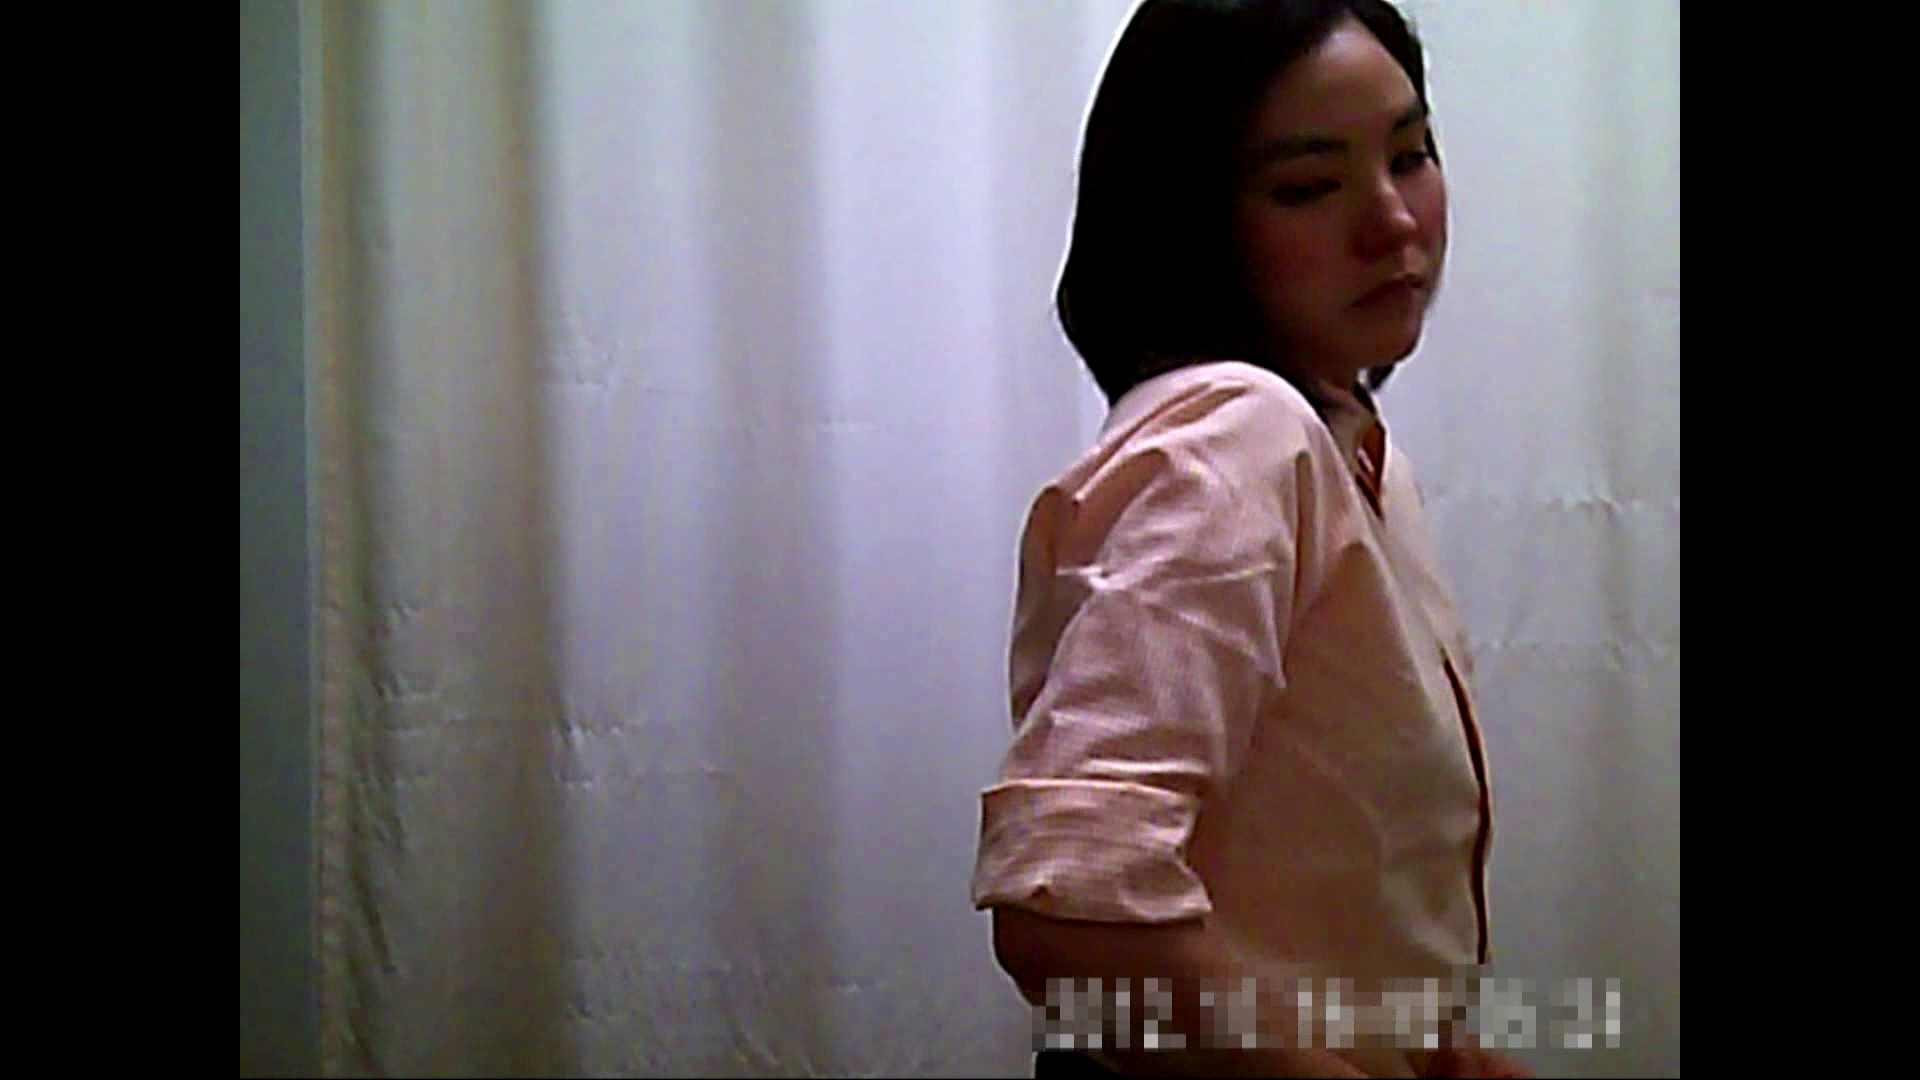 元医者による反抗 更衣室地獄絵巻 vol.056  97枚